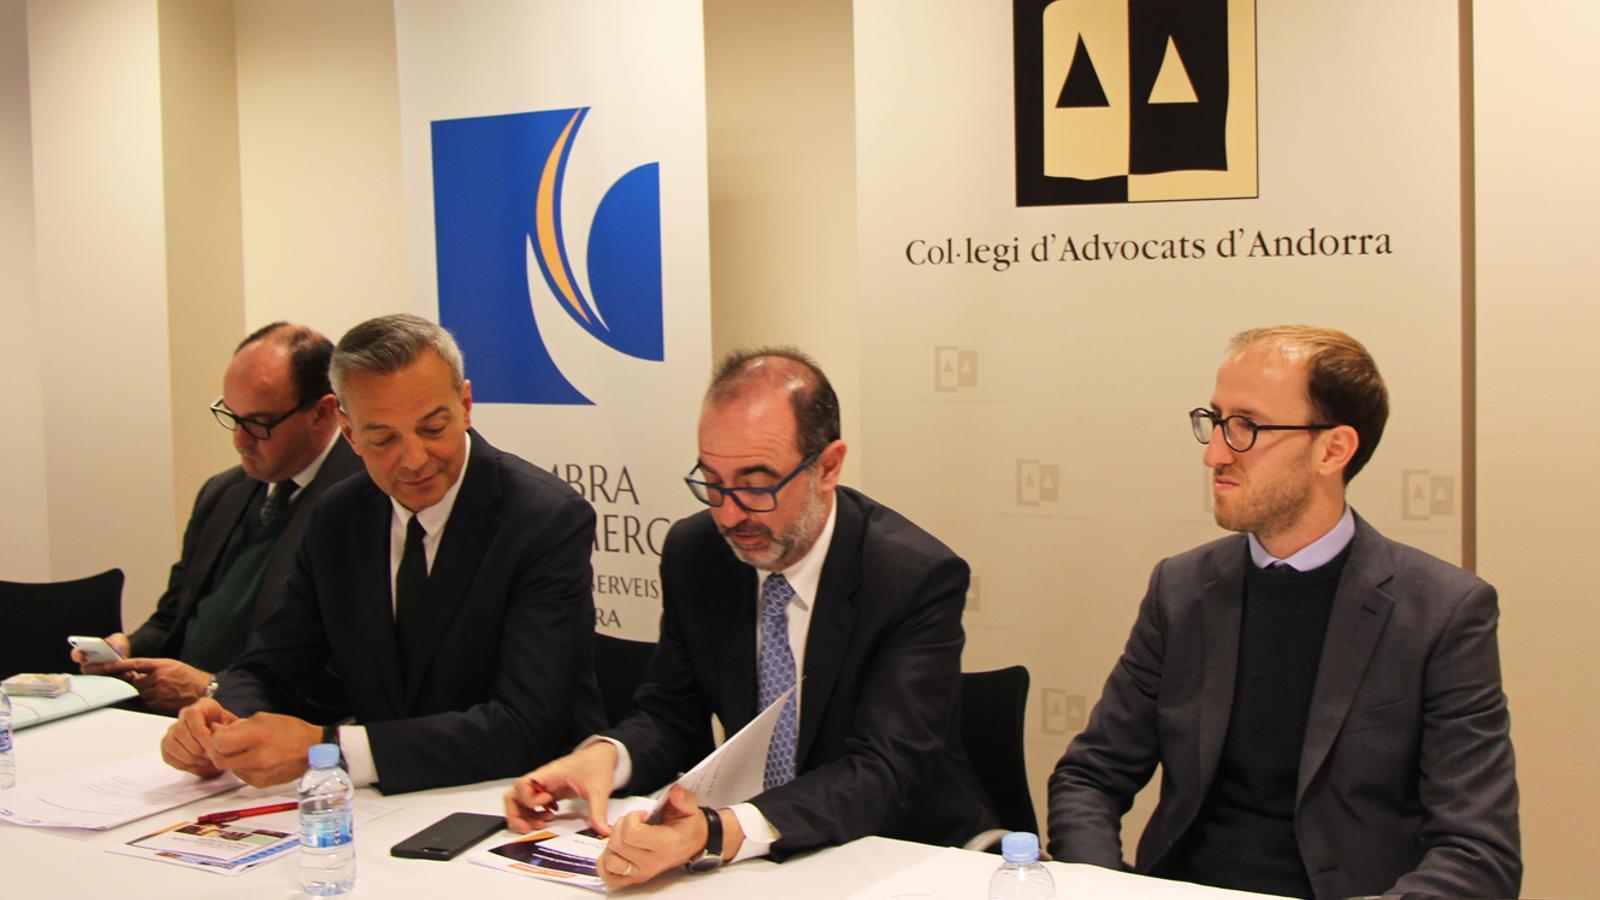 D'esquerra a dreta, el secretari general del comitè espanyol de la Cambra de Comerç Internacional (CCI), Jordi Sellarés; el coordinador de la comissió d'arbitratge del Col·legi d'Advocats d'Andorra, Joan Monegal; el vicepresident de la Cambra de Comerç, Indústria i Serveis d'Andorra, Jordi Daban, i el conseller de la Cort d'arbitratge del CCI, Juan Pablo Argentato. / E. J. M.